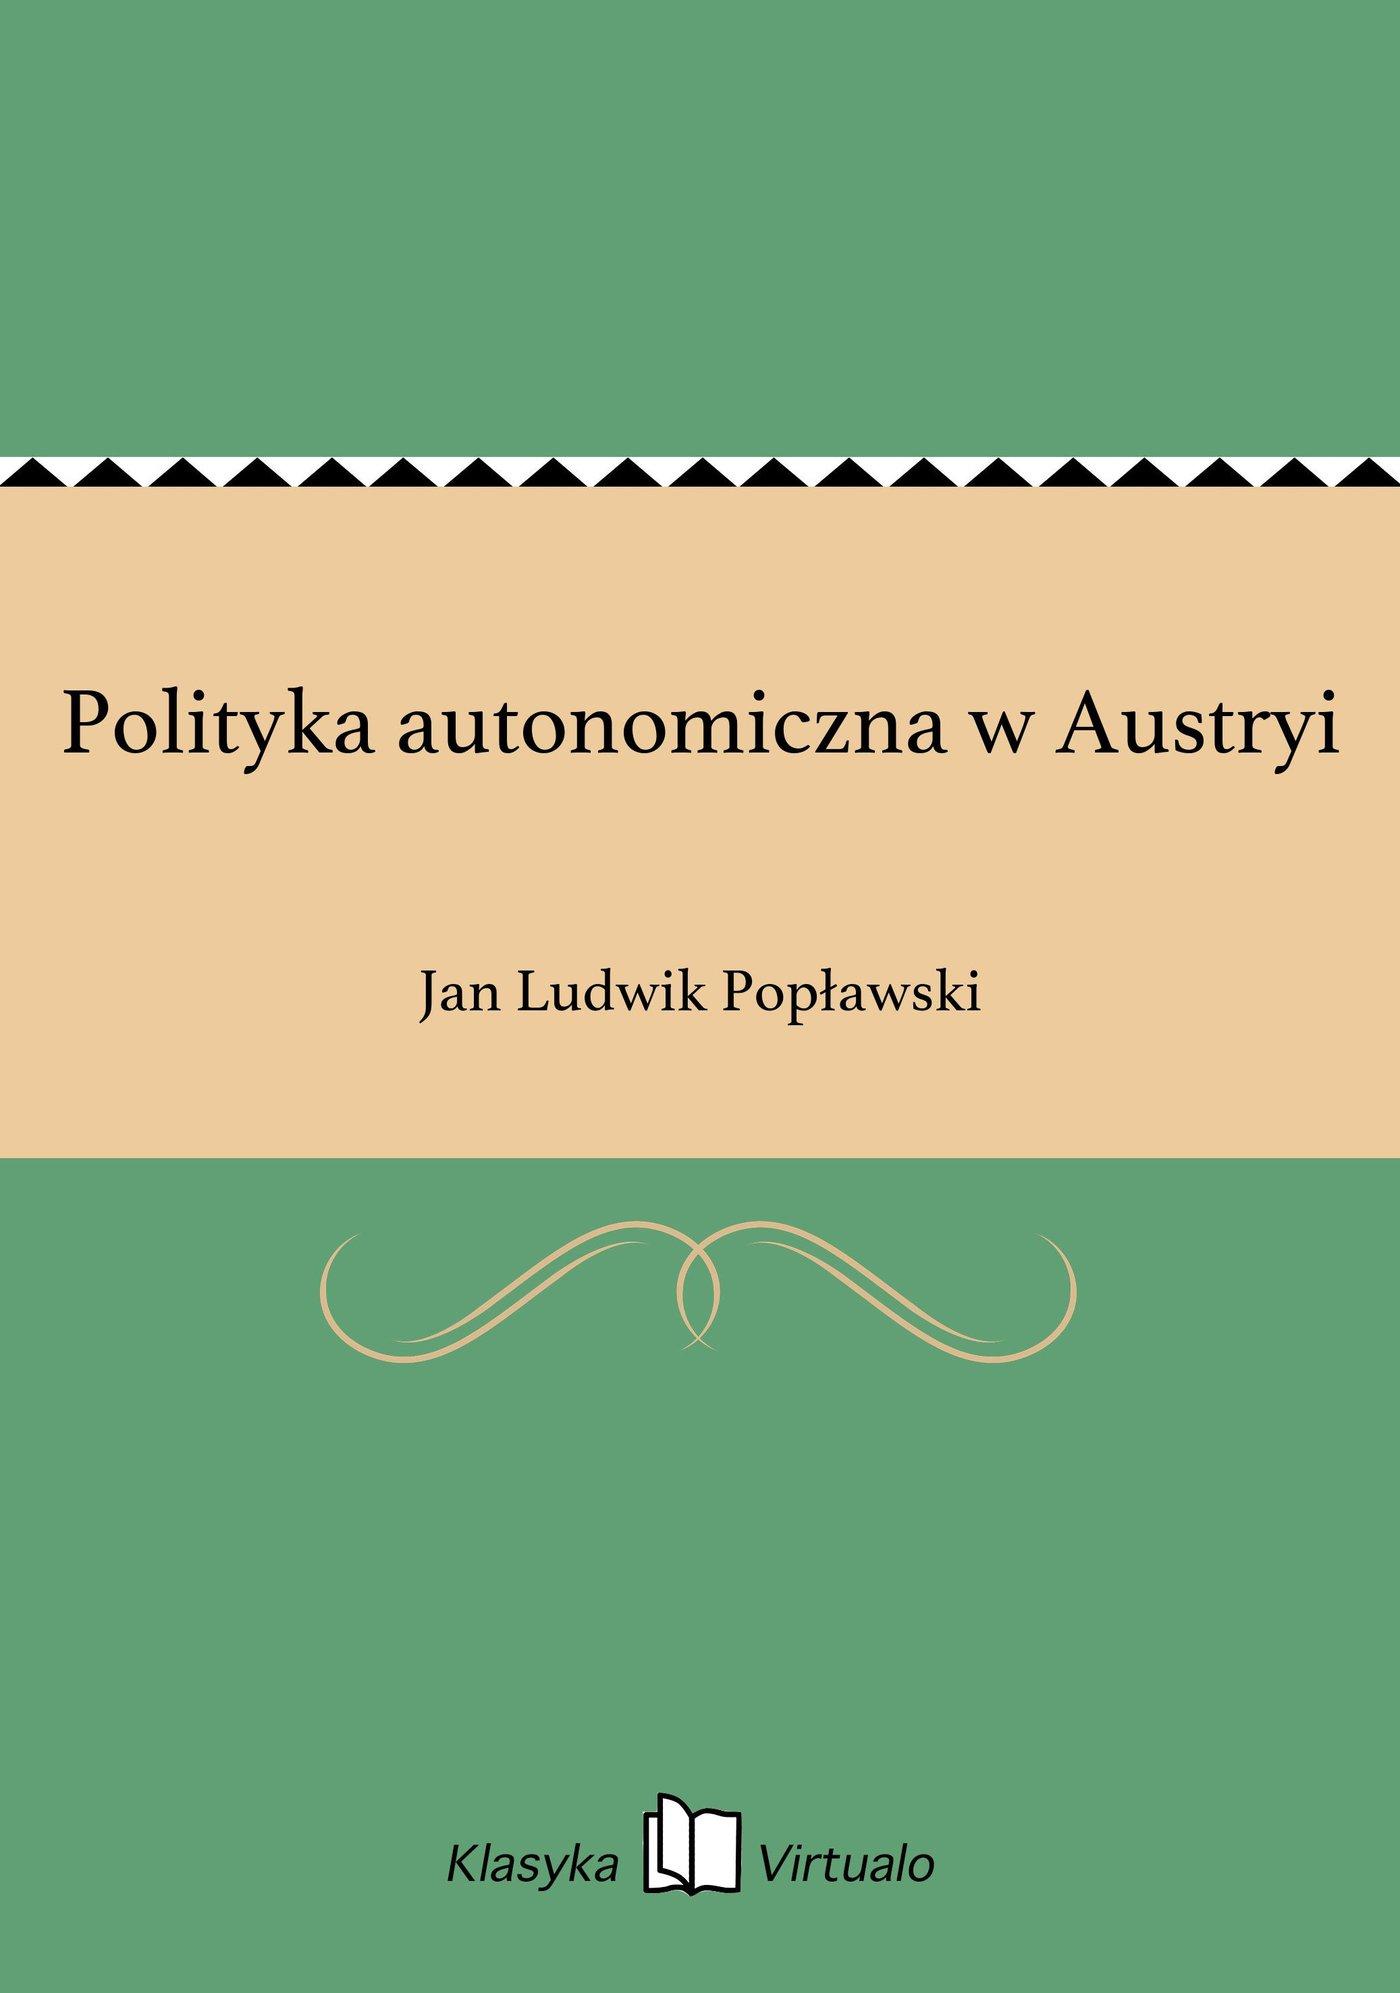 Polityka autonomiczna w Austryi - Ebook (Książka EPUB) do pobrania w formacie EPUB